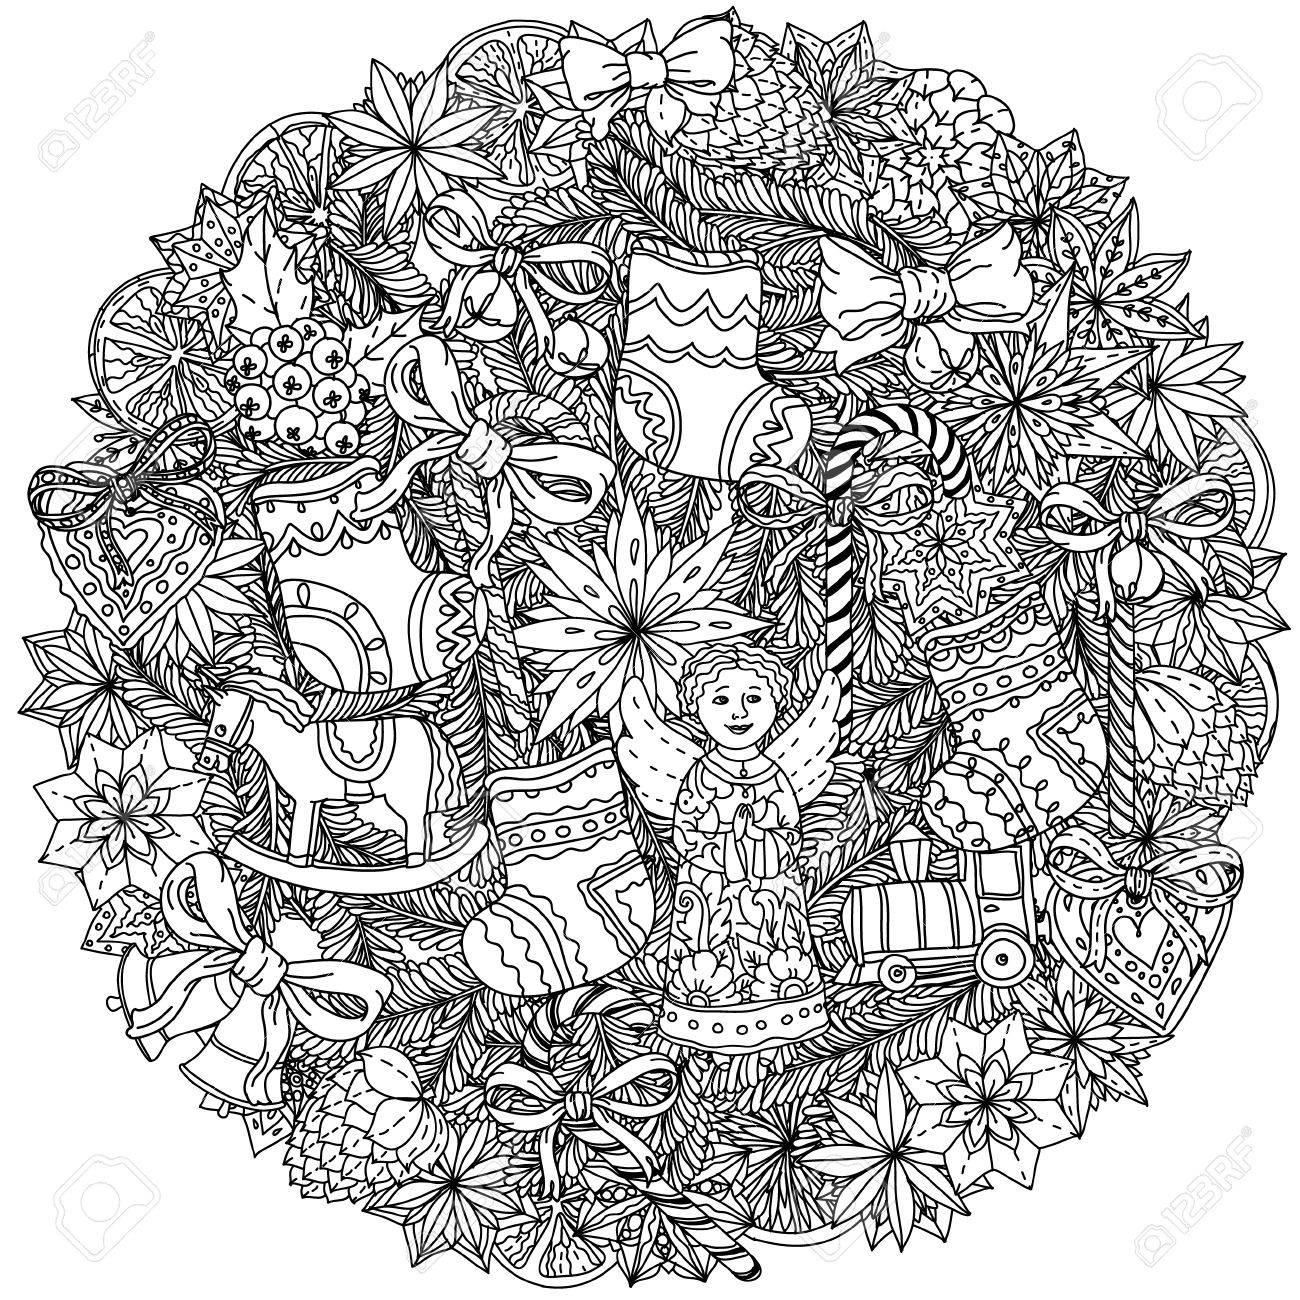 guirlande de No l avec des objets de décoration noir et blanc Le meilleur pour